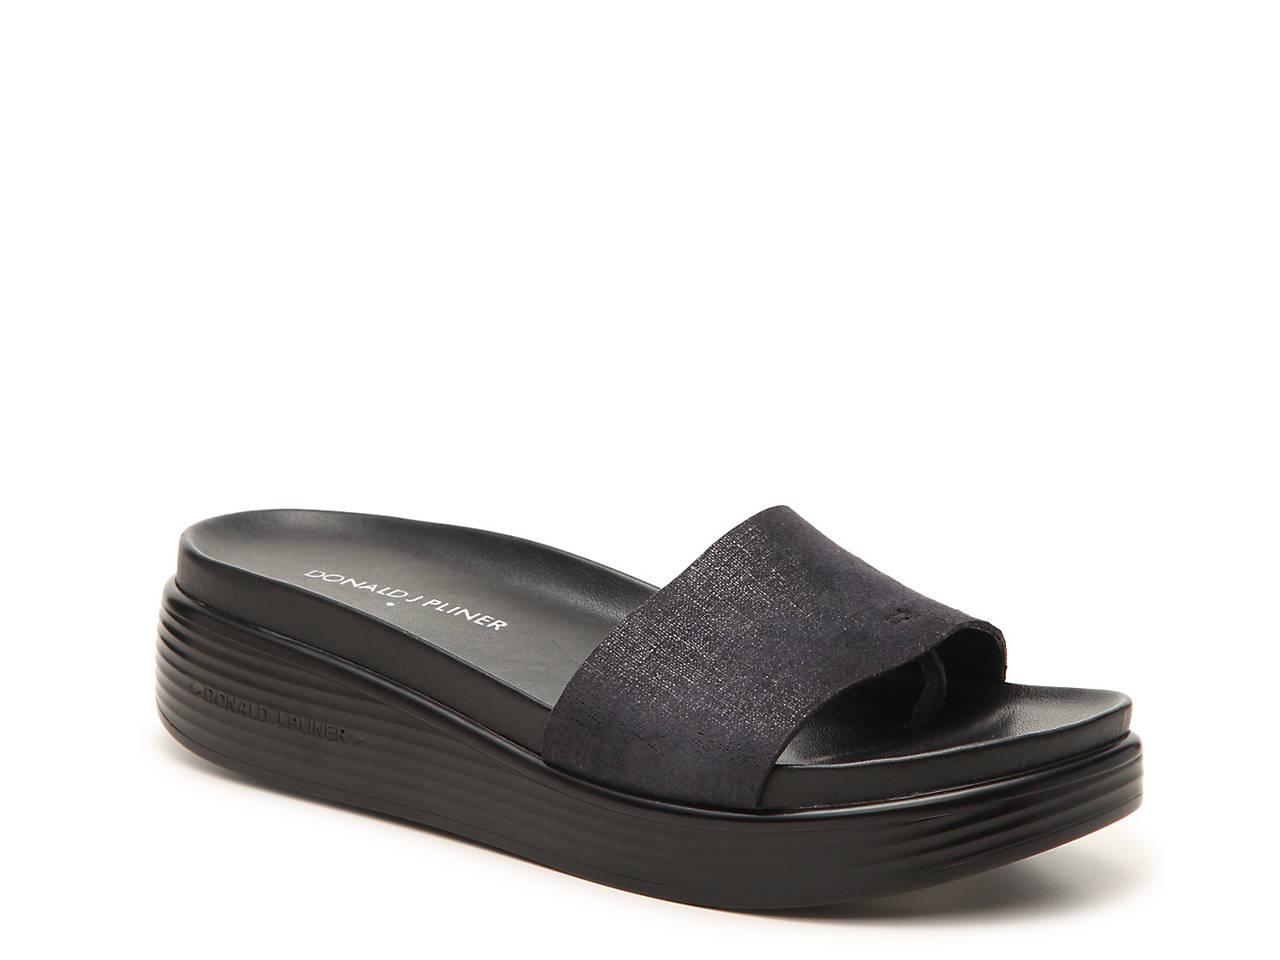 d276fd2bfaf Donald Pliner Fiji Slide Sandal Women s Shoes